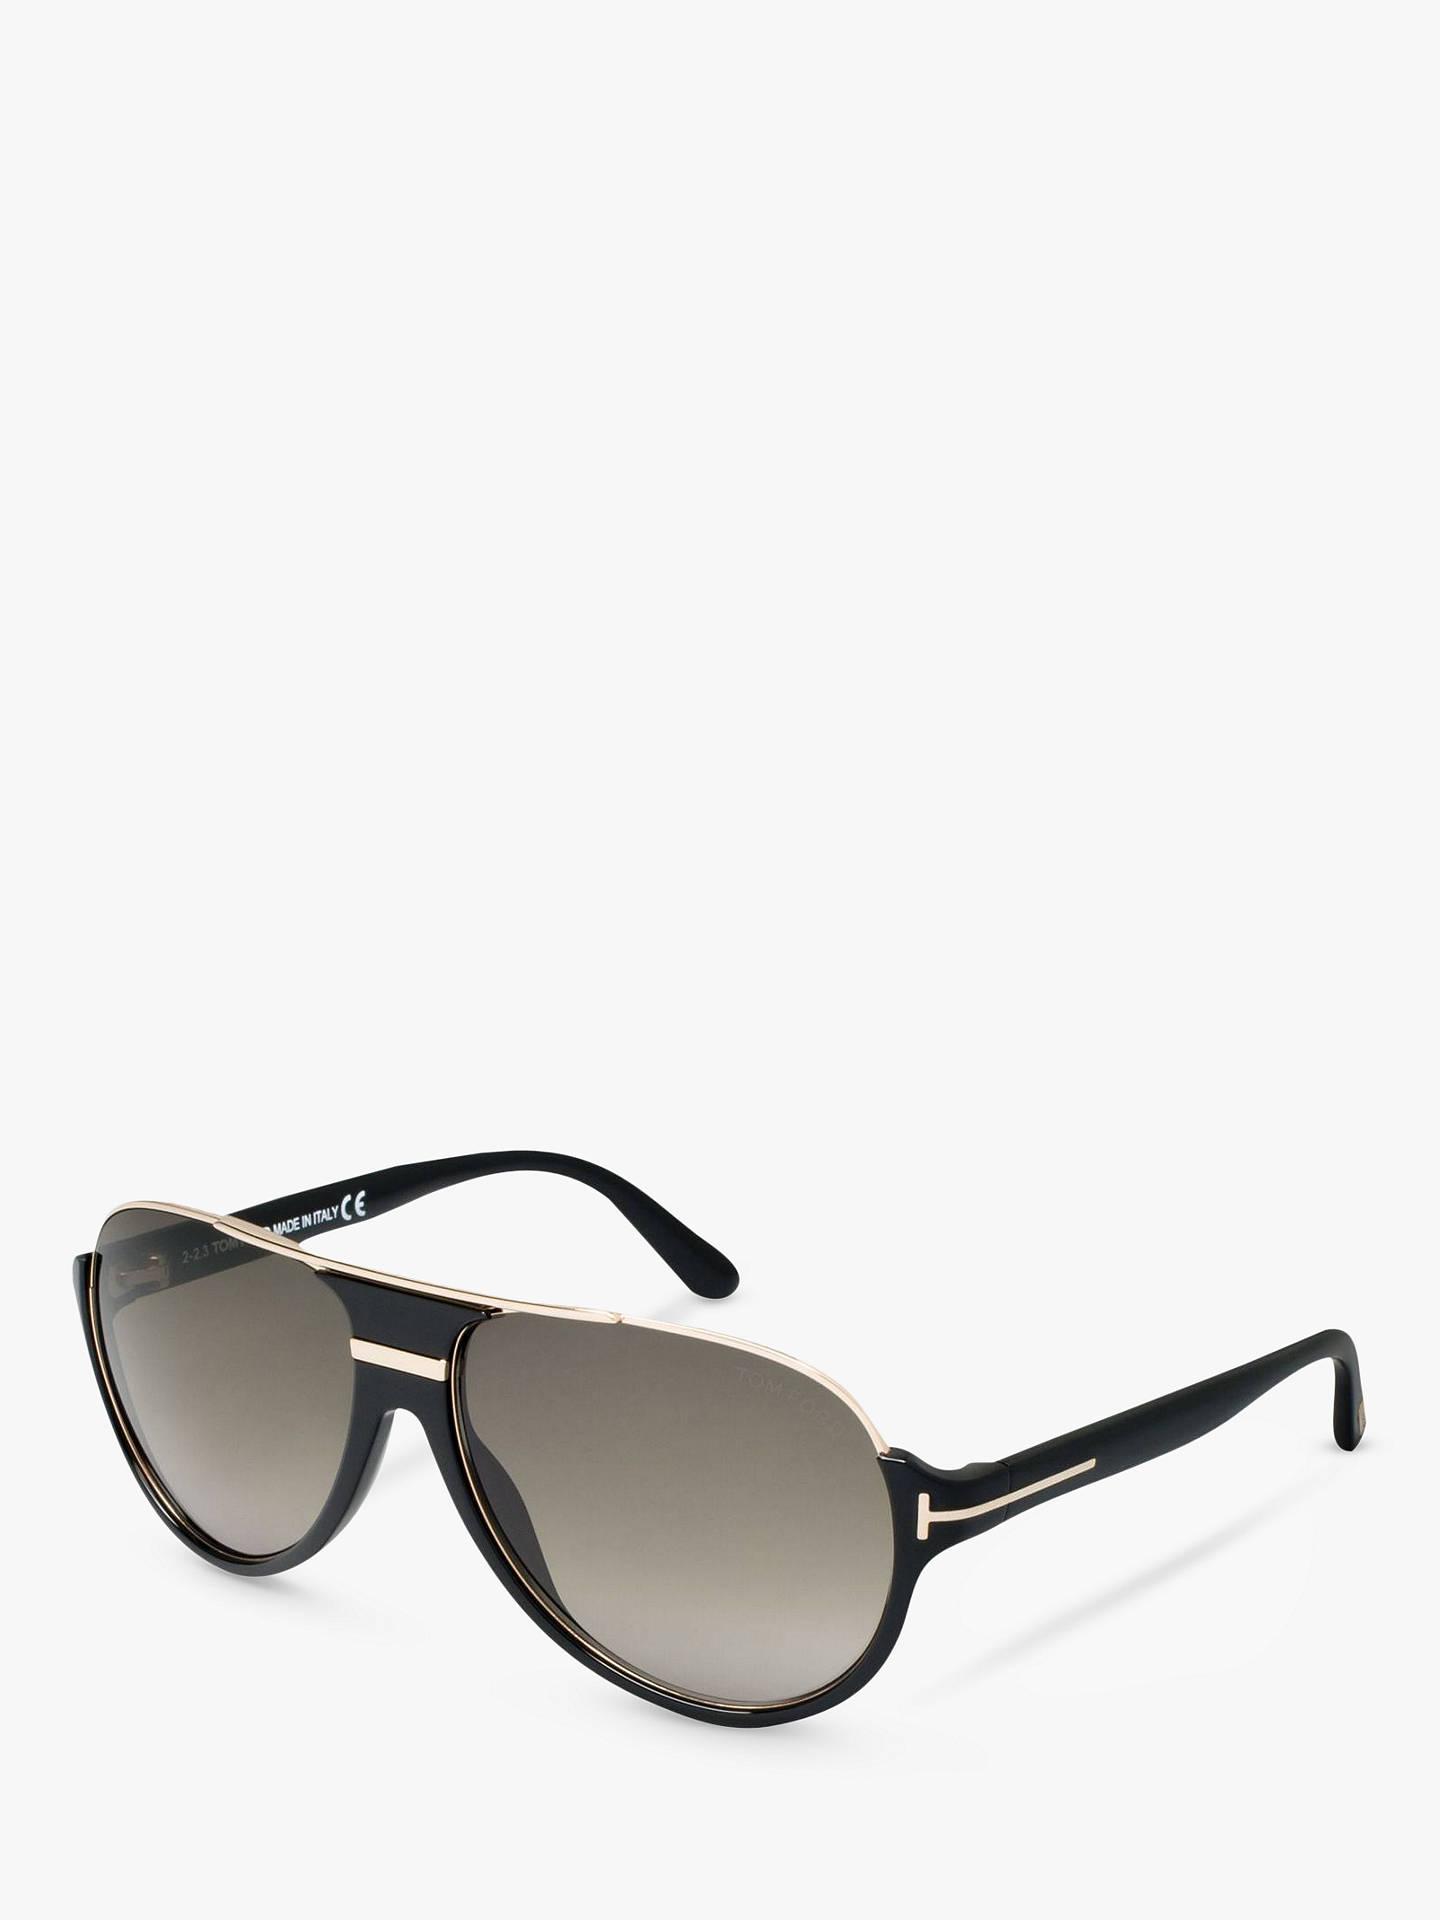 1205862bcf9c7 Buy TOM FORD FT0334 Dimitry Vintage Aviator Sunglasses